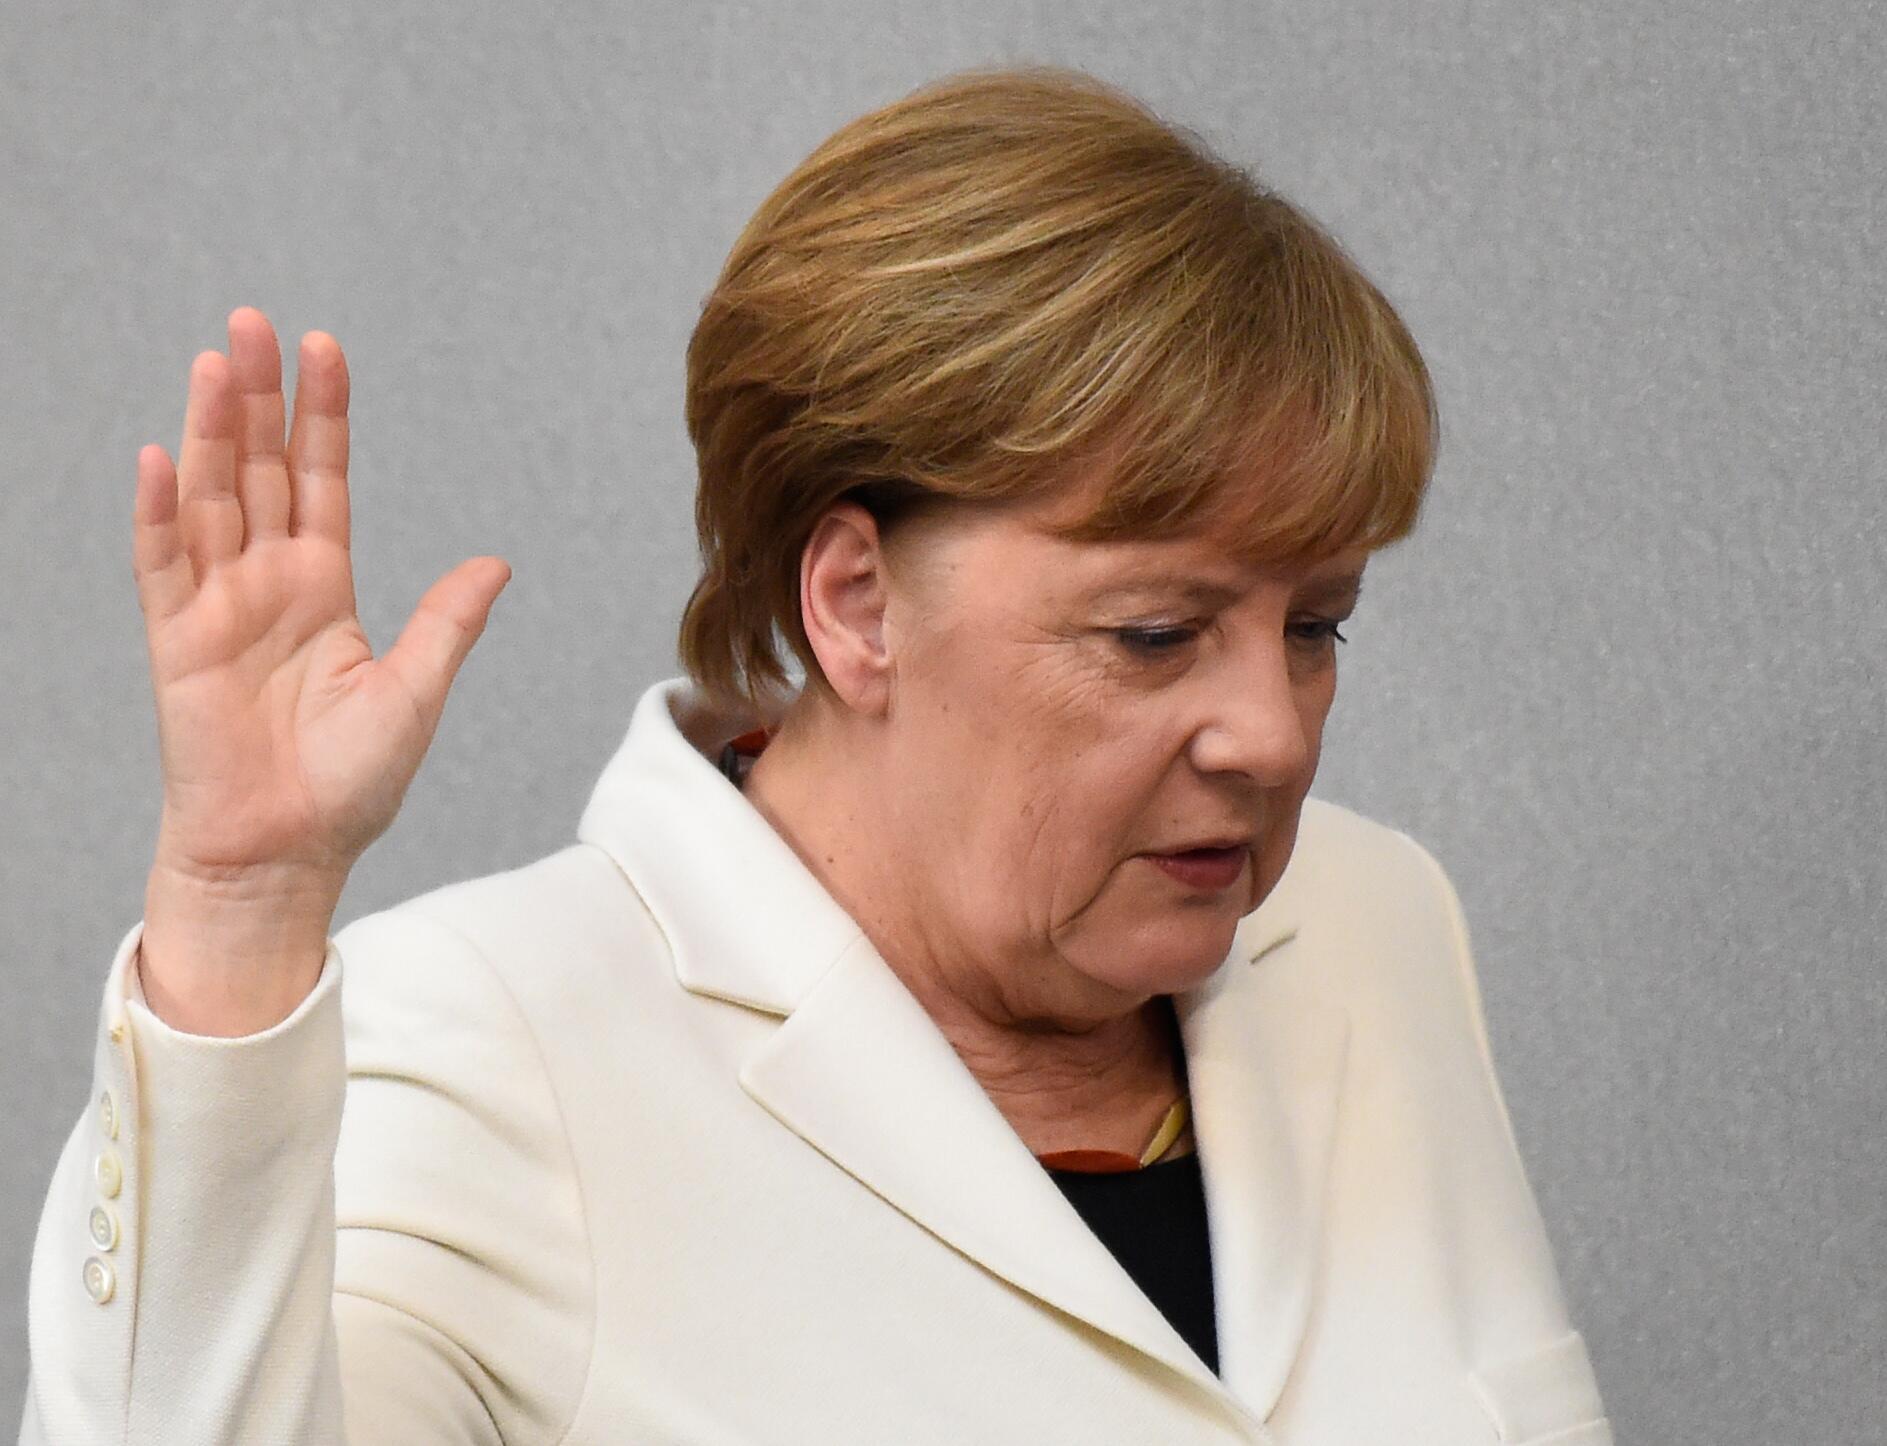 Bild zu Angela Merkel, Bundestagswahl, Wahl, Bundestag